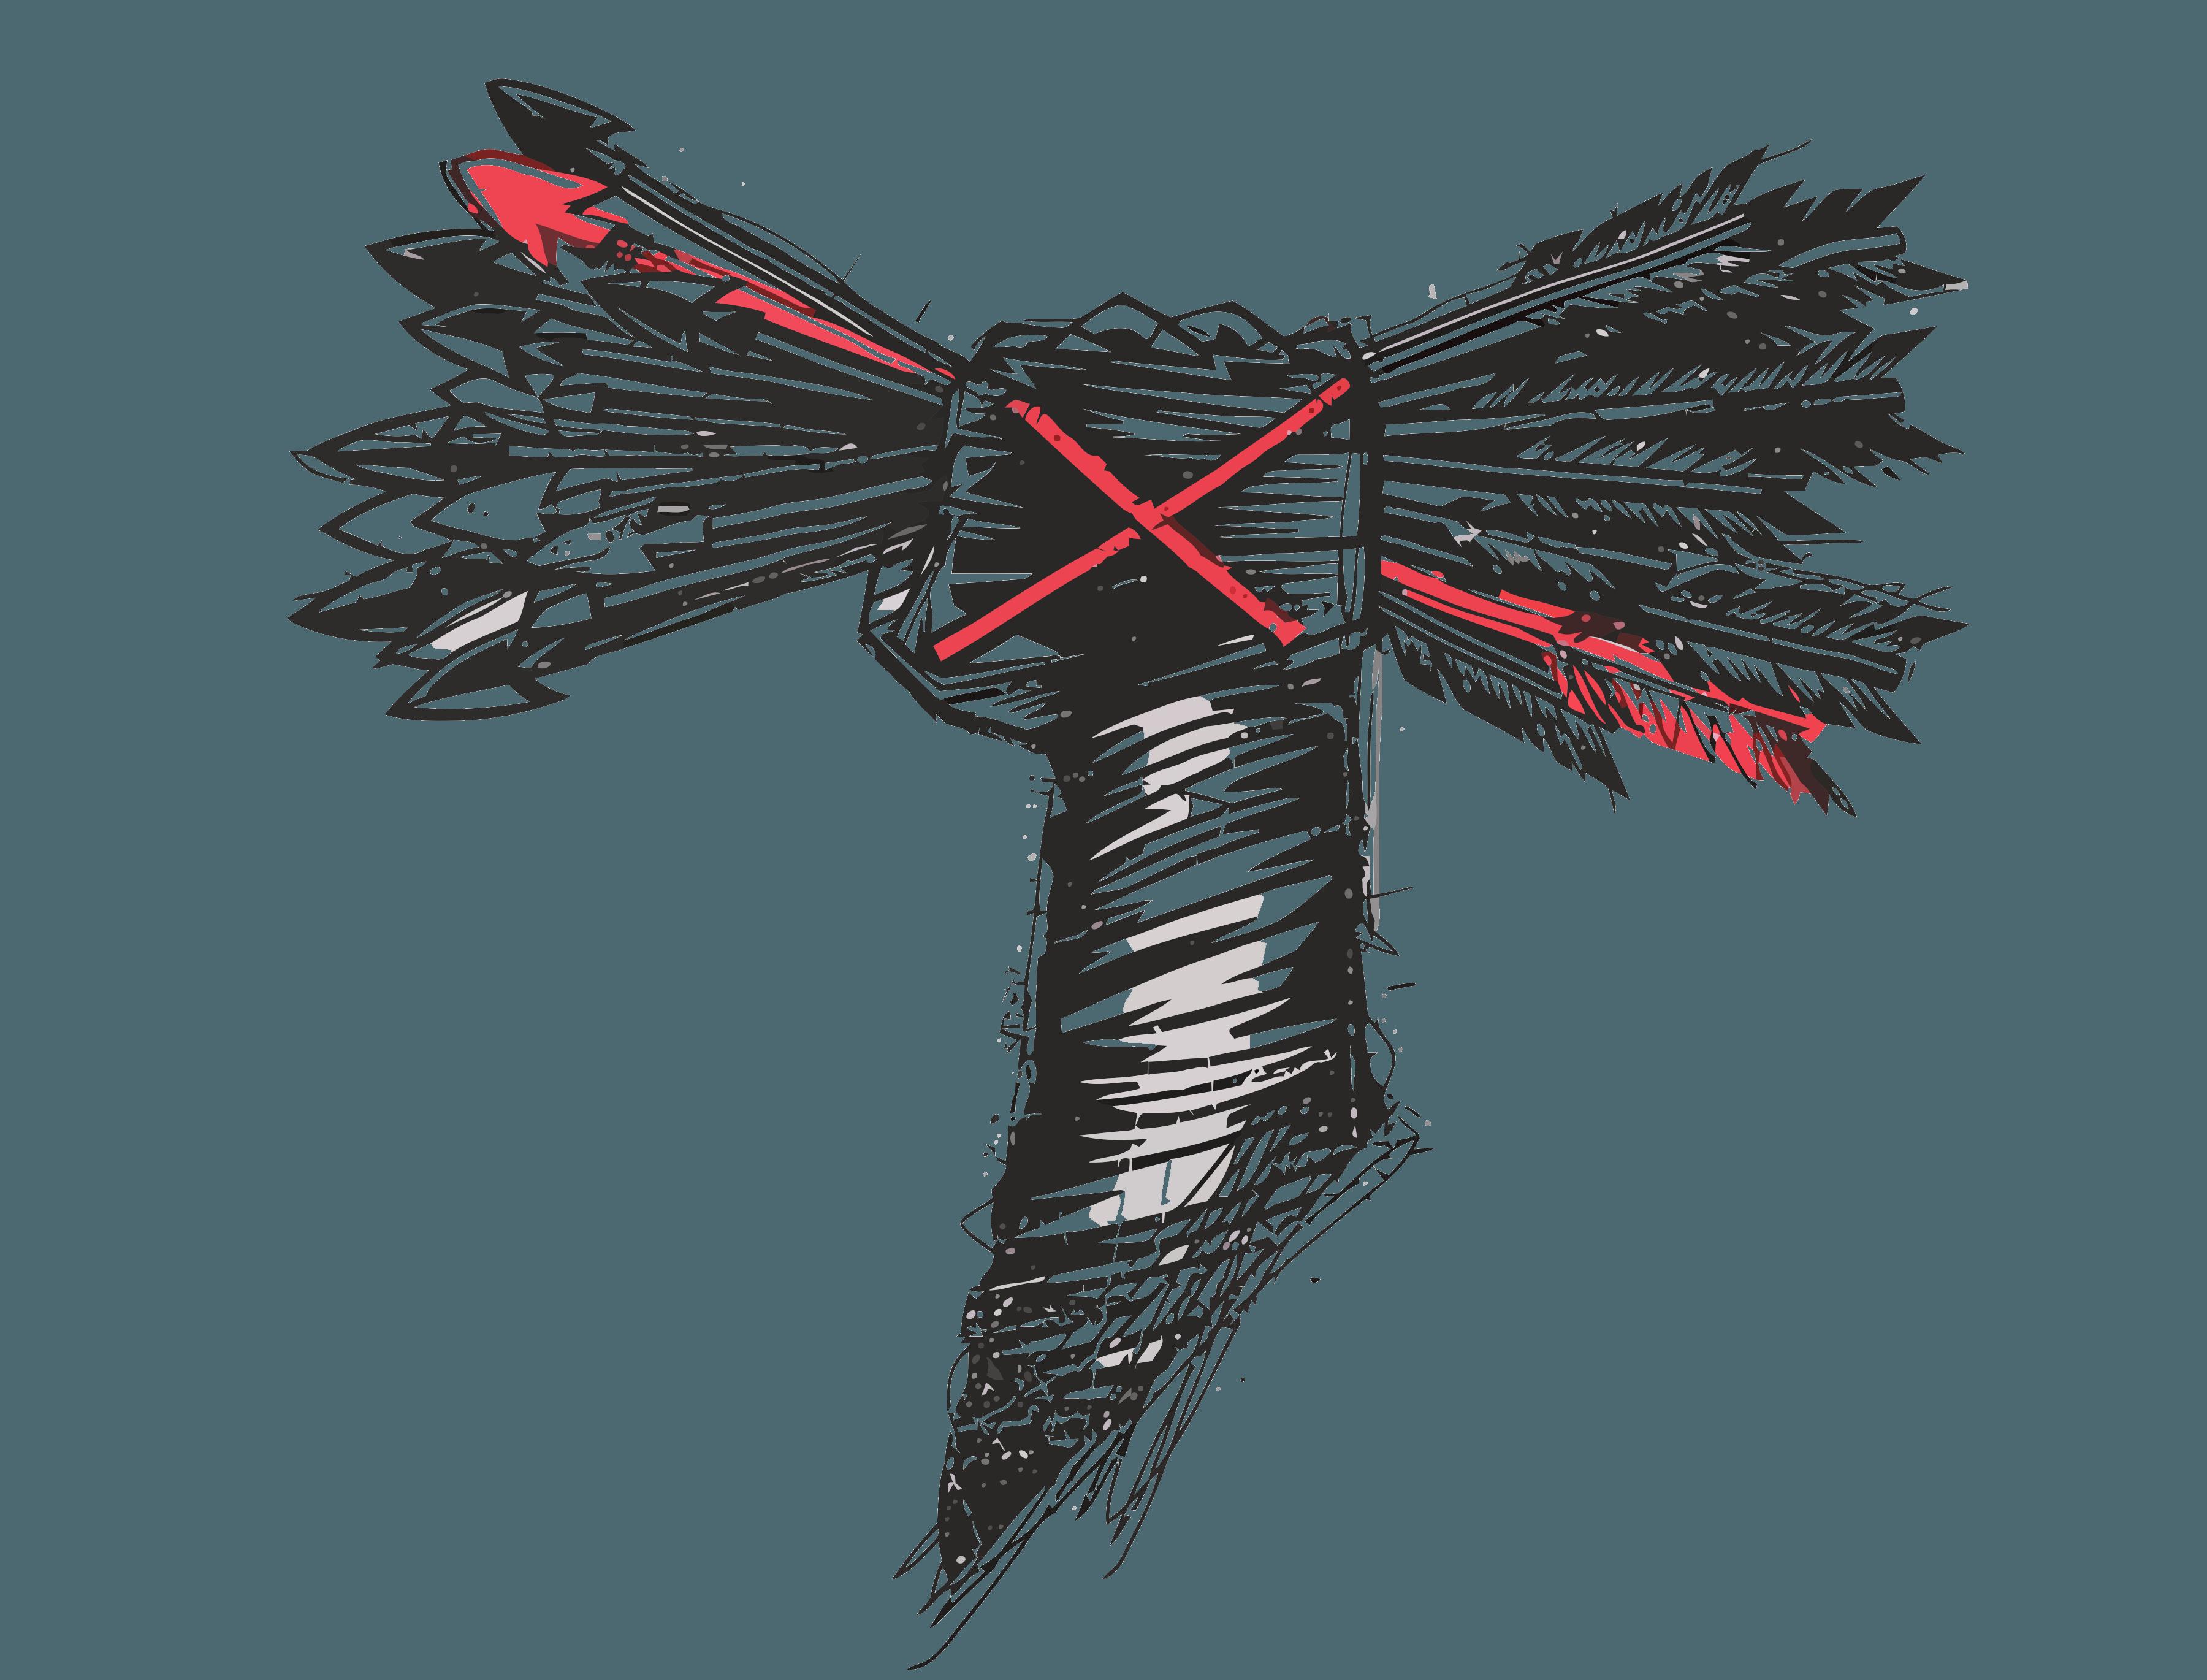 Cm punk logo wallpapers 2016 wallpaper cave - Cm punk logo images ...